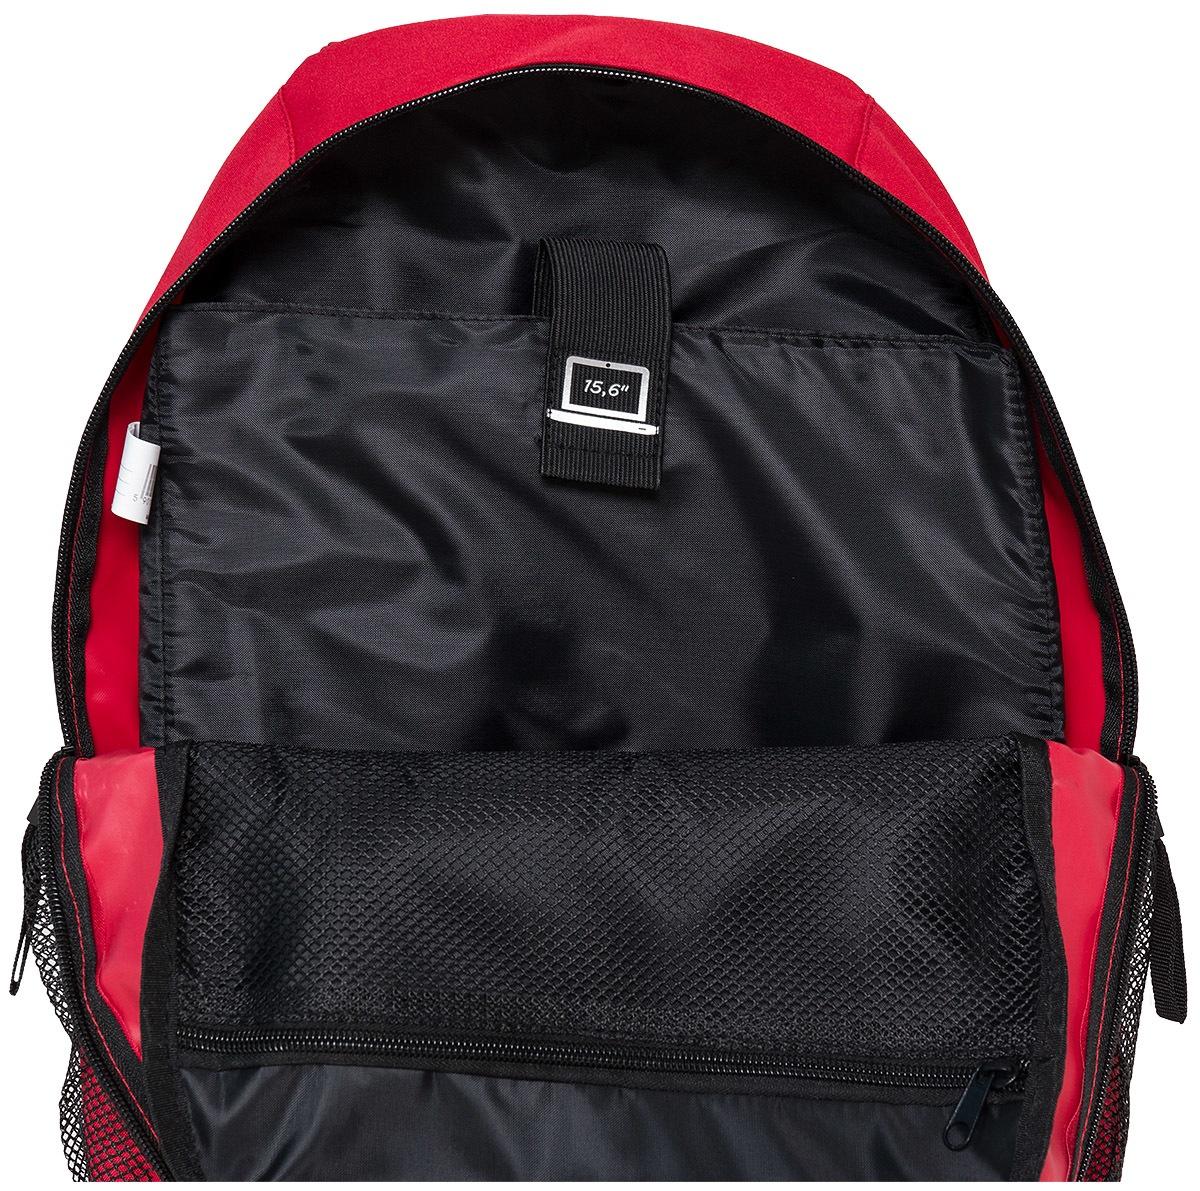 66c8855996f7b Plecak miejski 4F PCU203 SS18 czerwony - 7276867522 - oficjalne ...